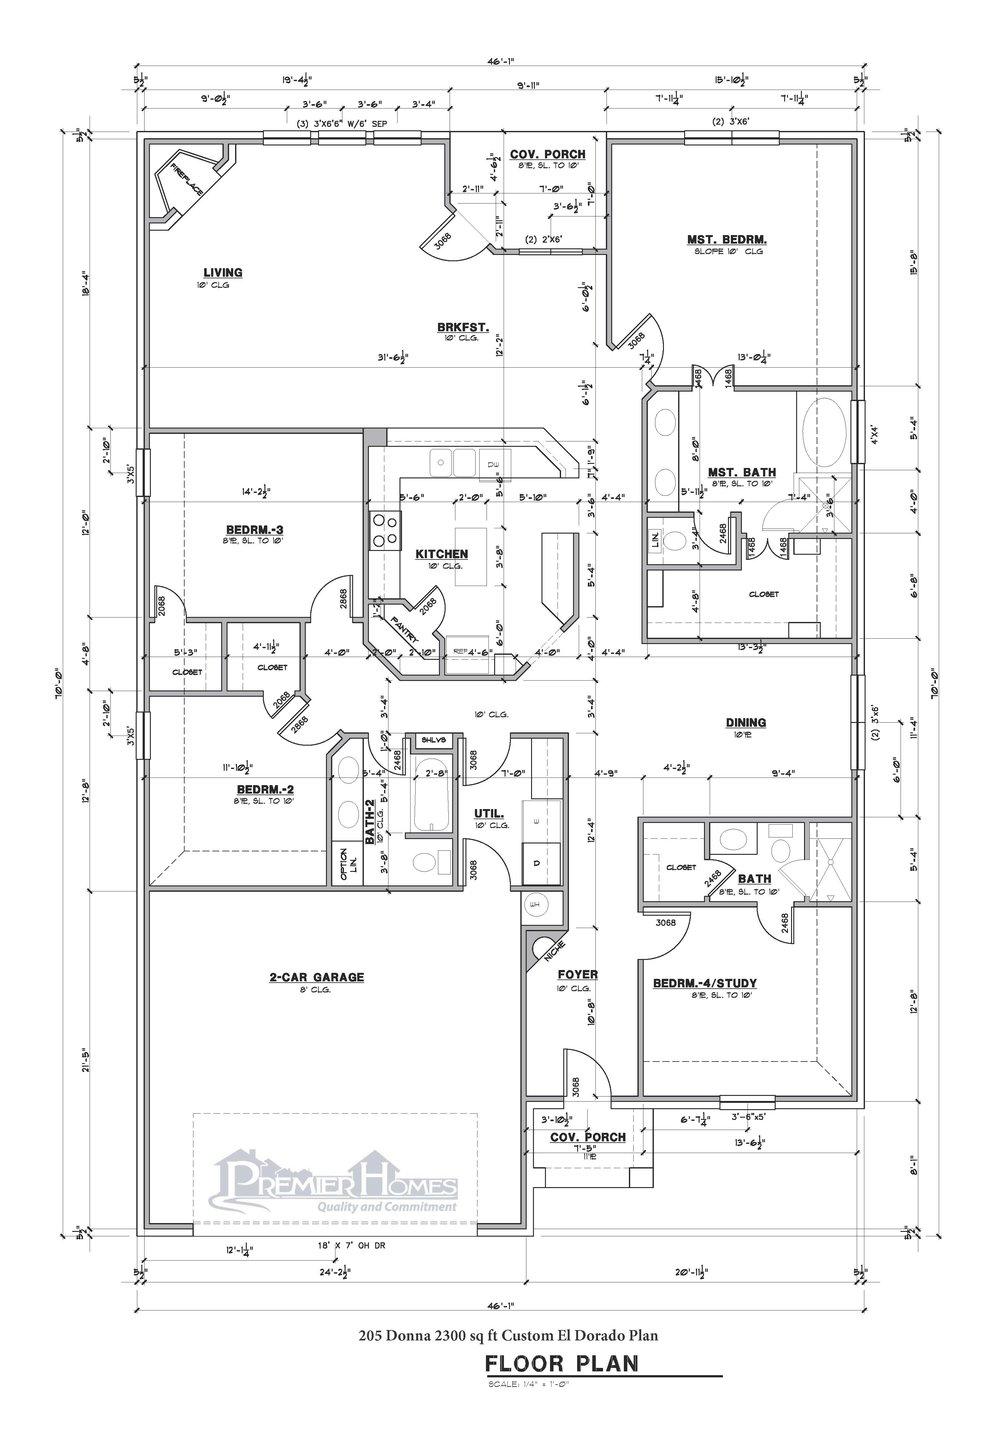 205 Donna 2300 sq ft Custom El Dorado Plan.jpg